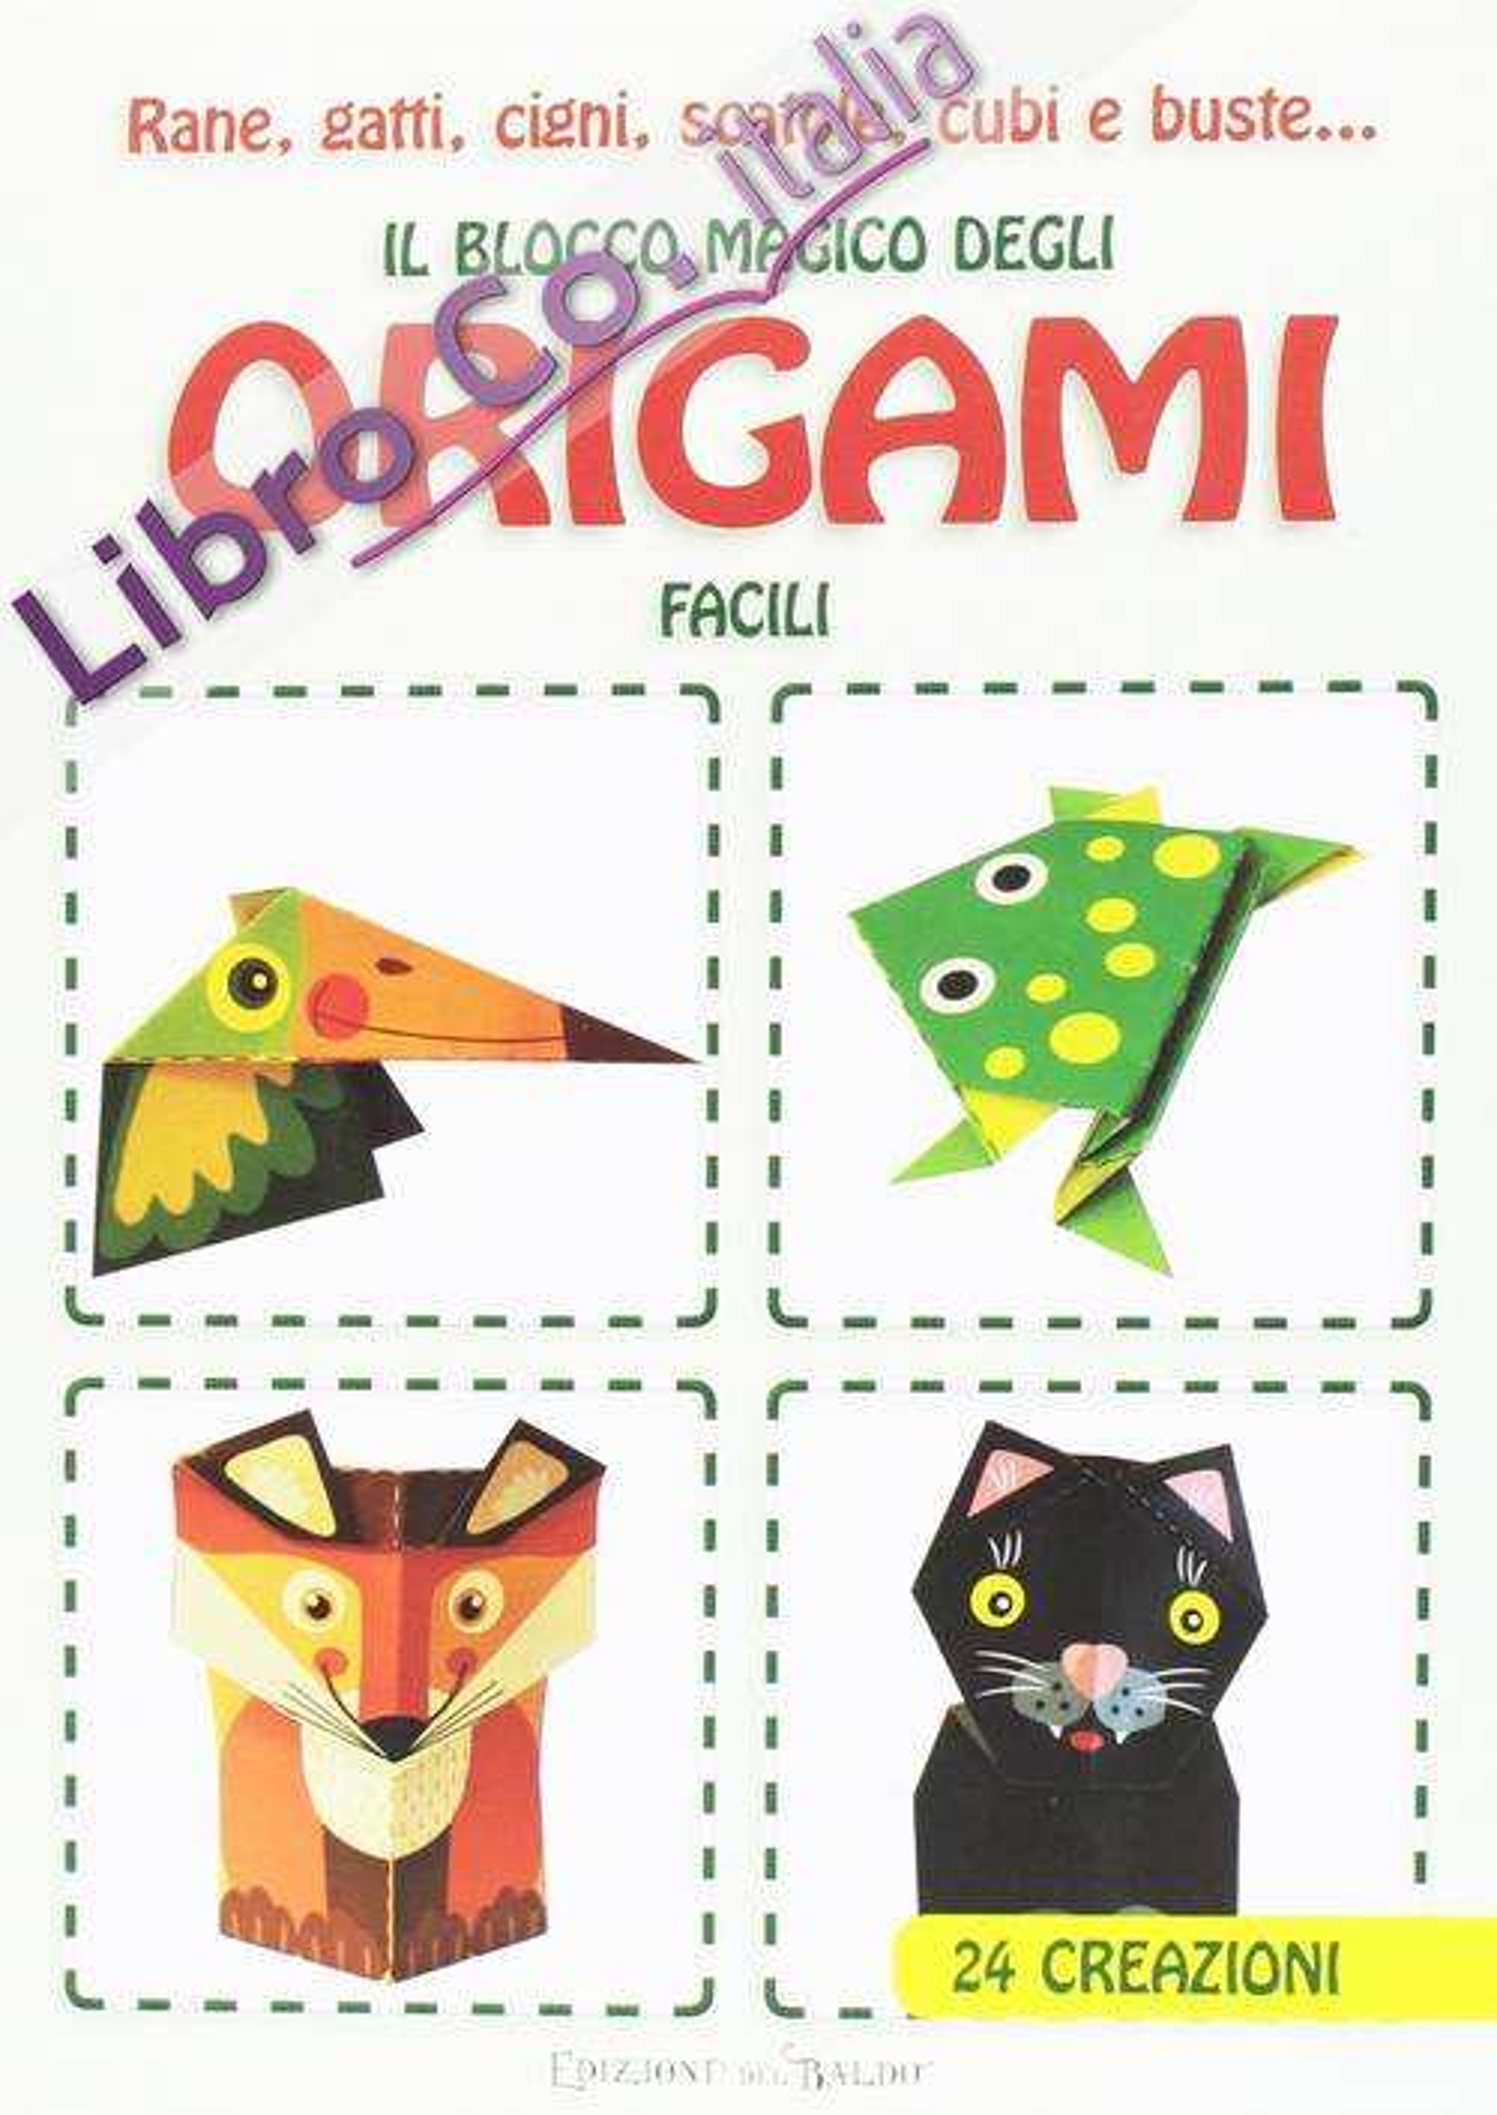 Rane, gatti, cigni, scatole, cubi e buste... Il blocco magico degli origami facili. Ediz. illustrata